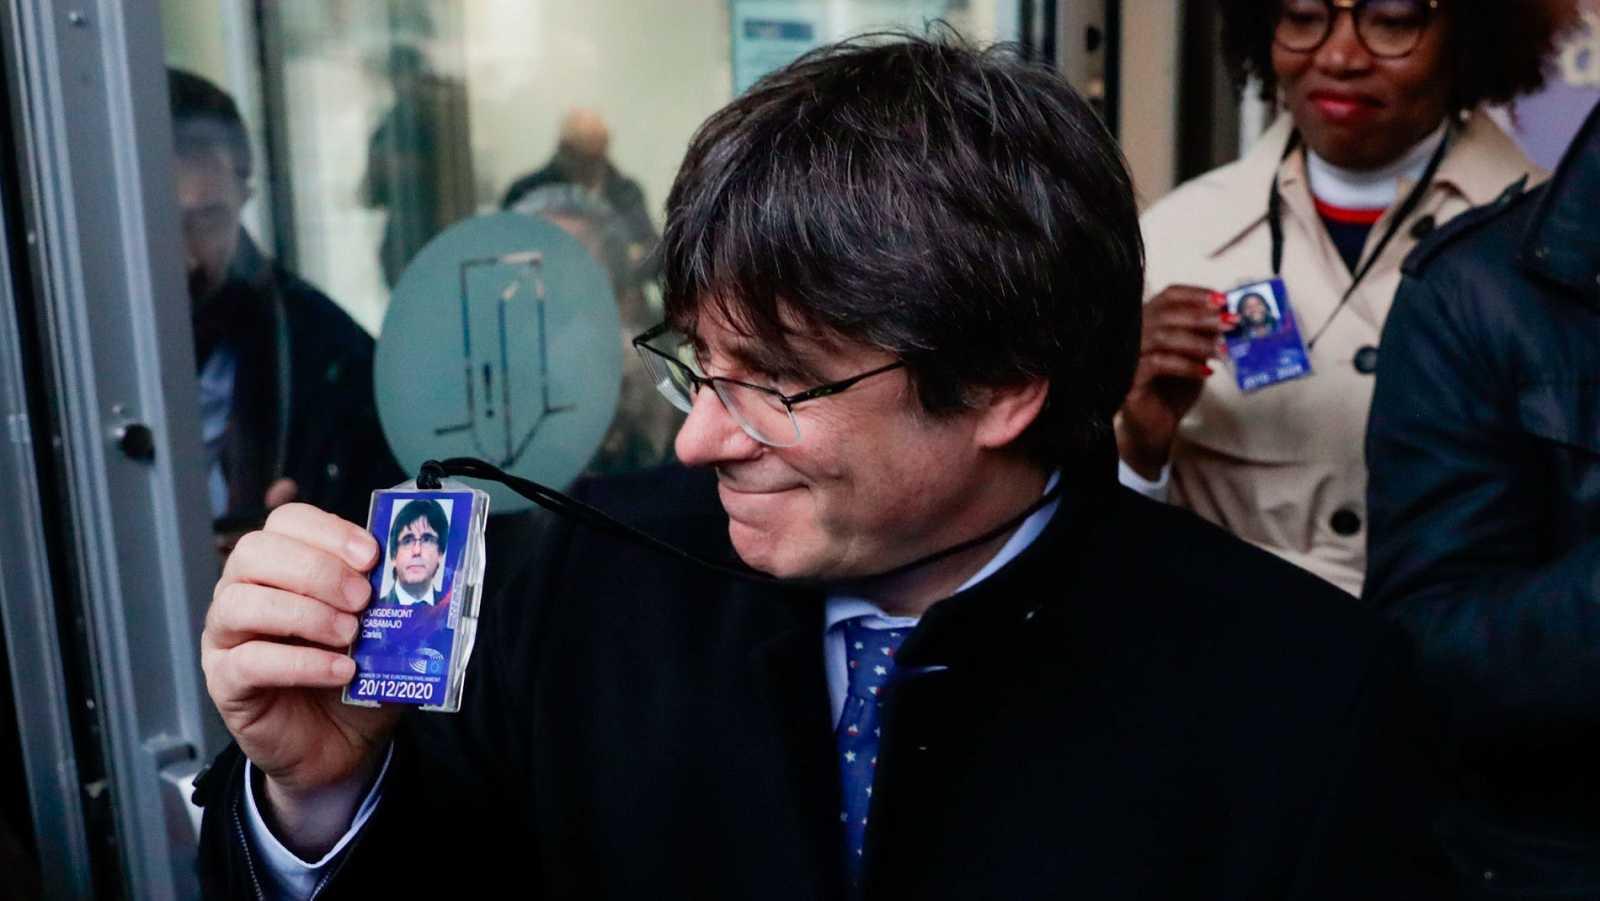 El expresidente catalán Carles Puigdemont, el pasado viernes, con su acreditación provisional de eurodiputado